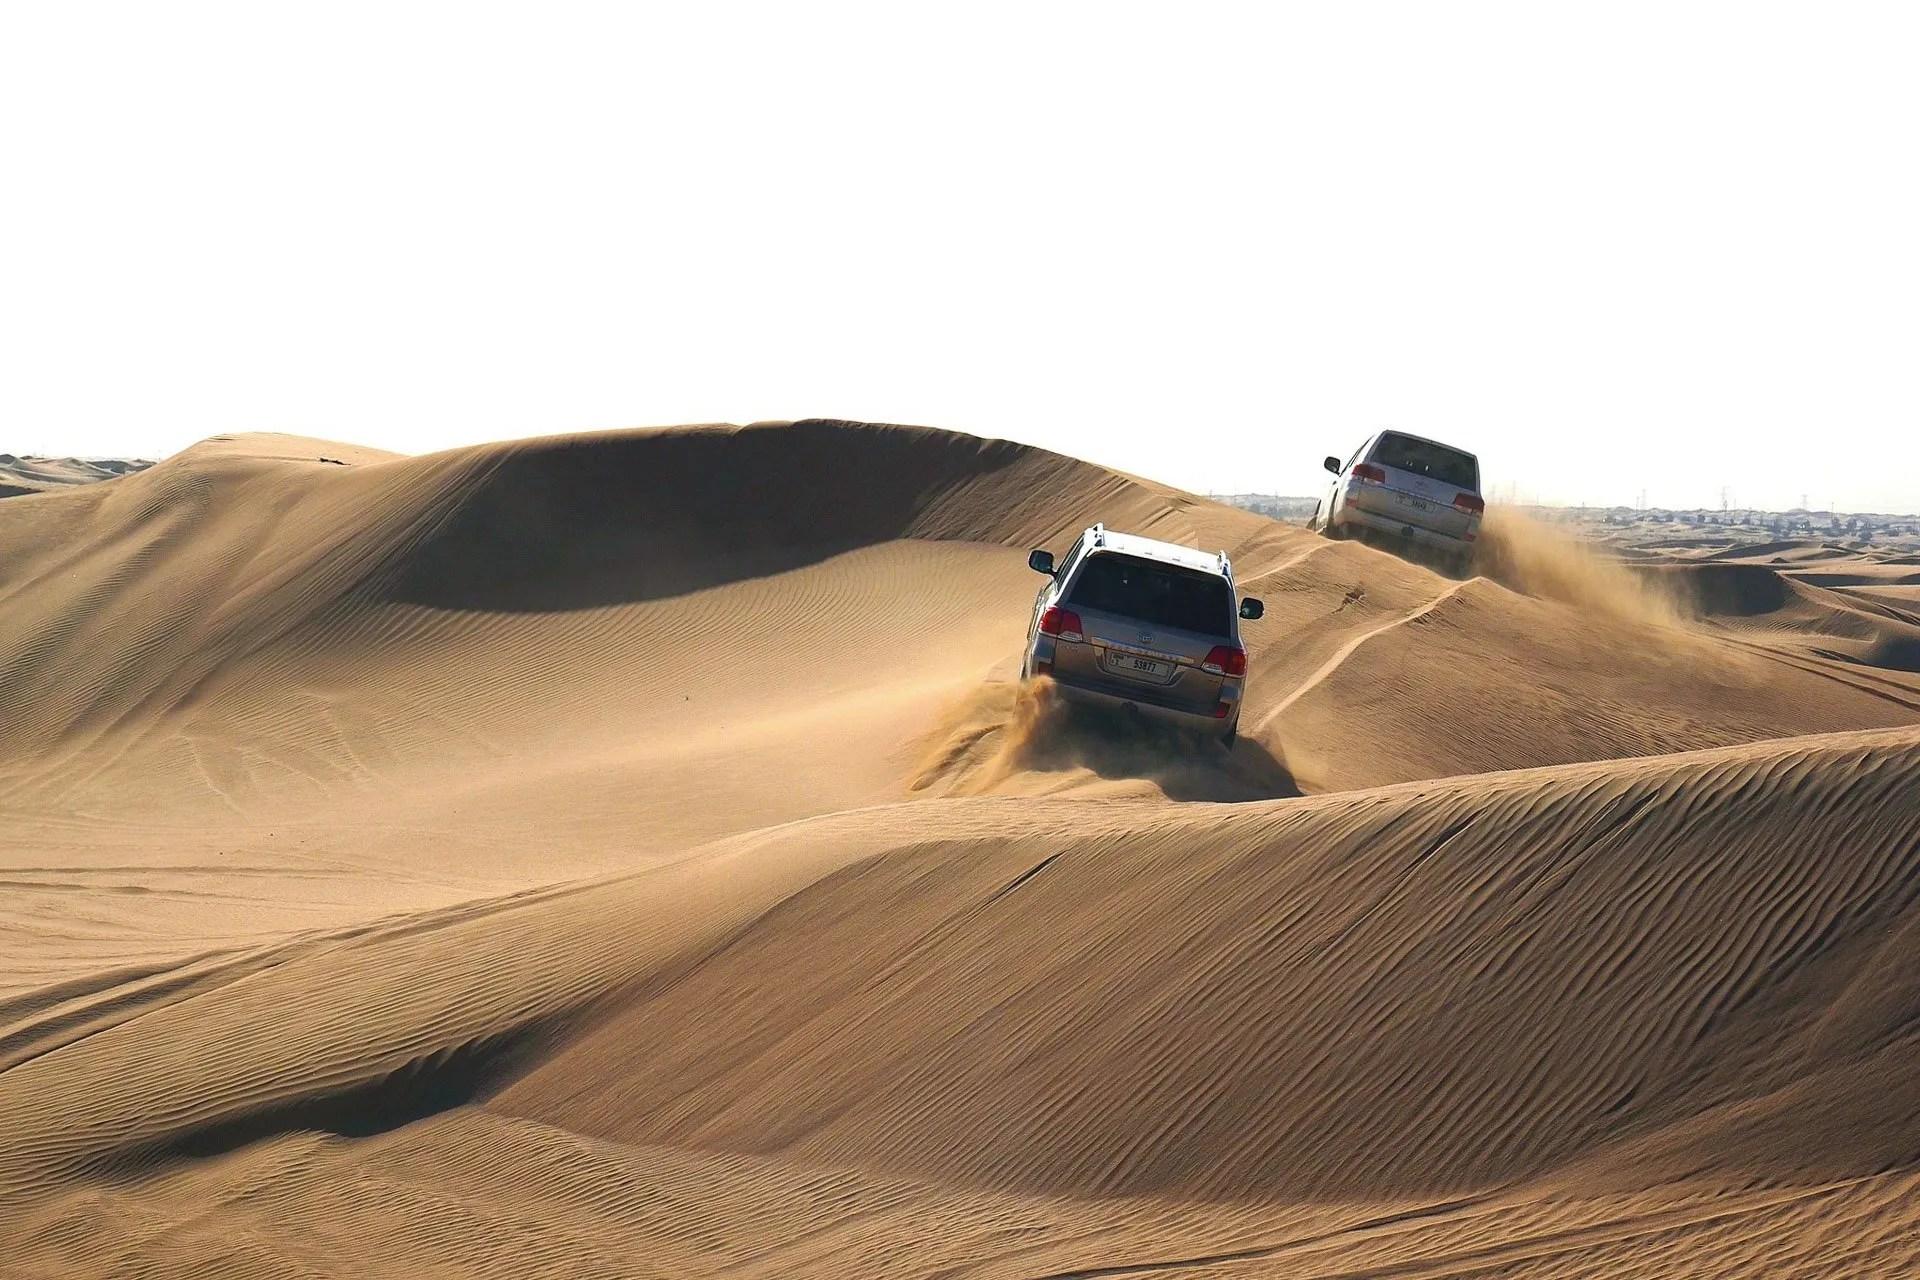 Dubai desert safari, Dubai desert. 3 days in Dubai, DUbai itinerary, Dubai tours, Dubai travel itinerary